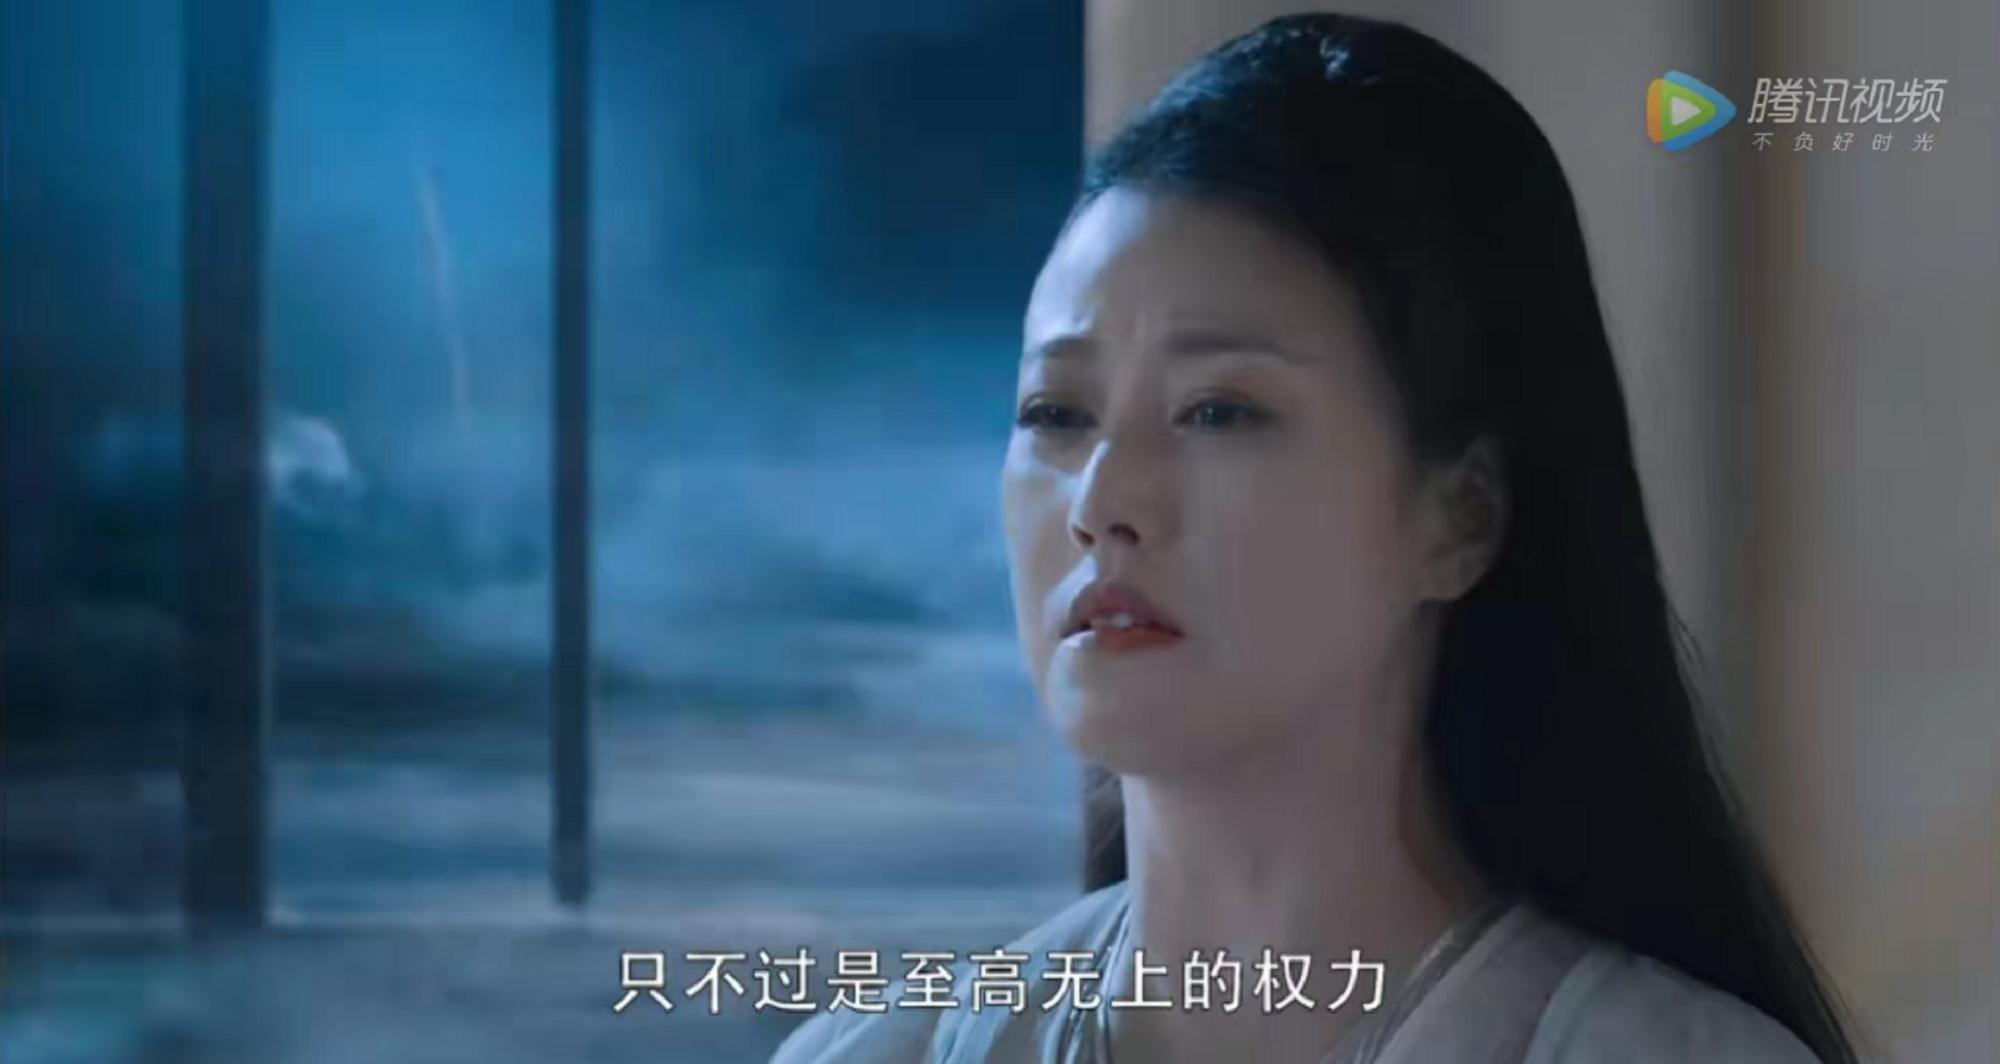 锦觅|《香蜜》:爱而不得的3个女人,荼姚竟是最幸运的,润玉生母最惨